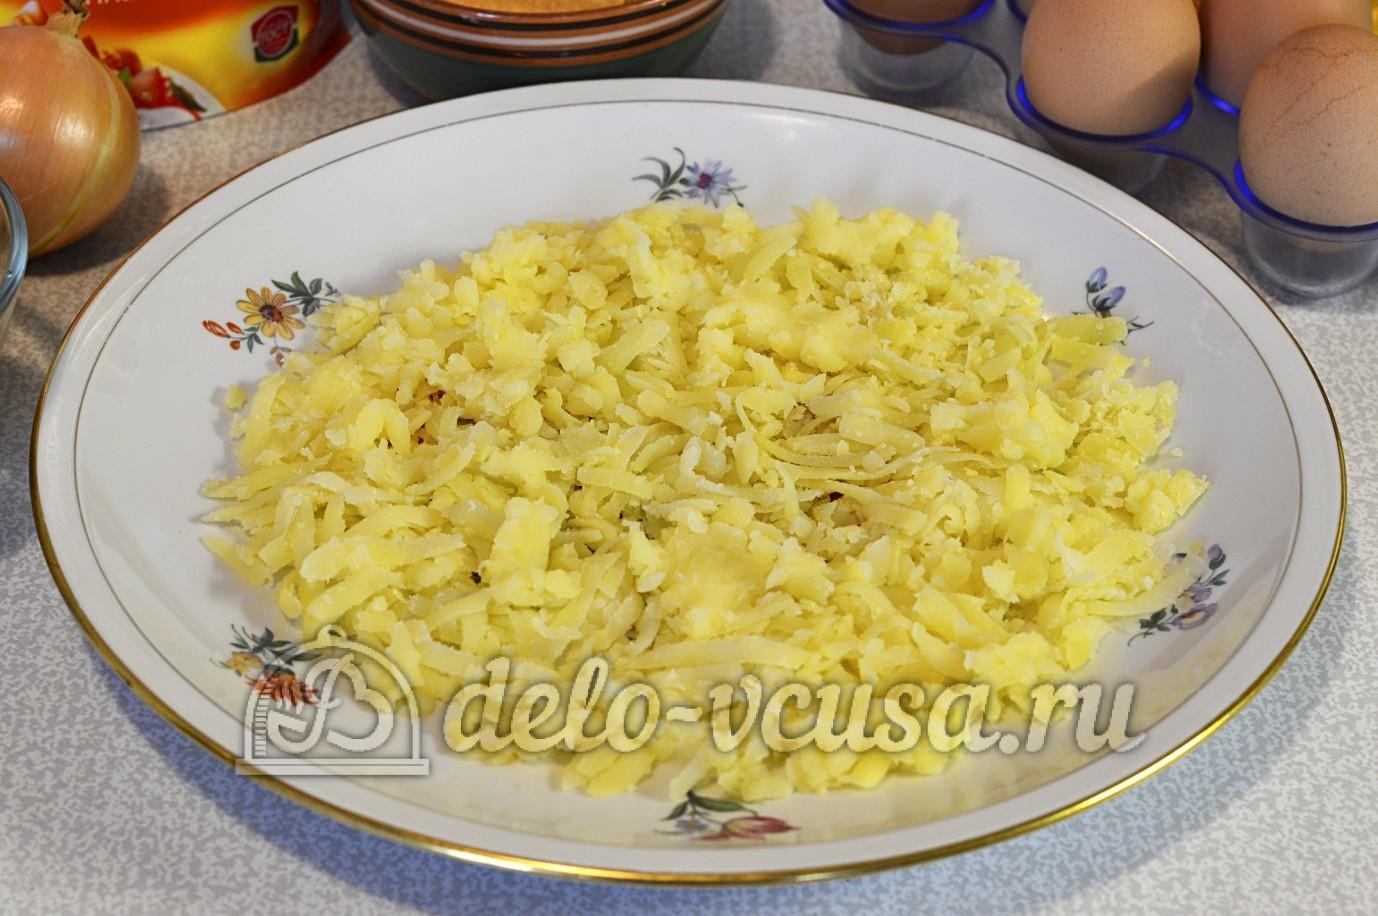 Салат подсолнух рецепт с картофелем